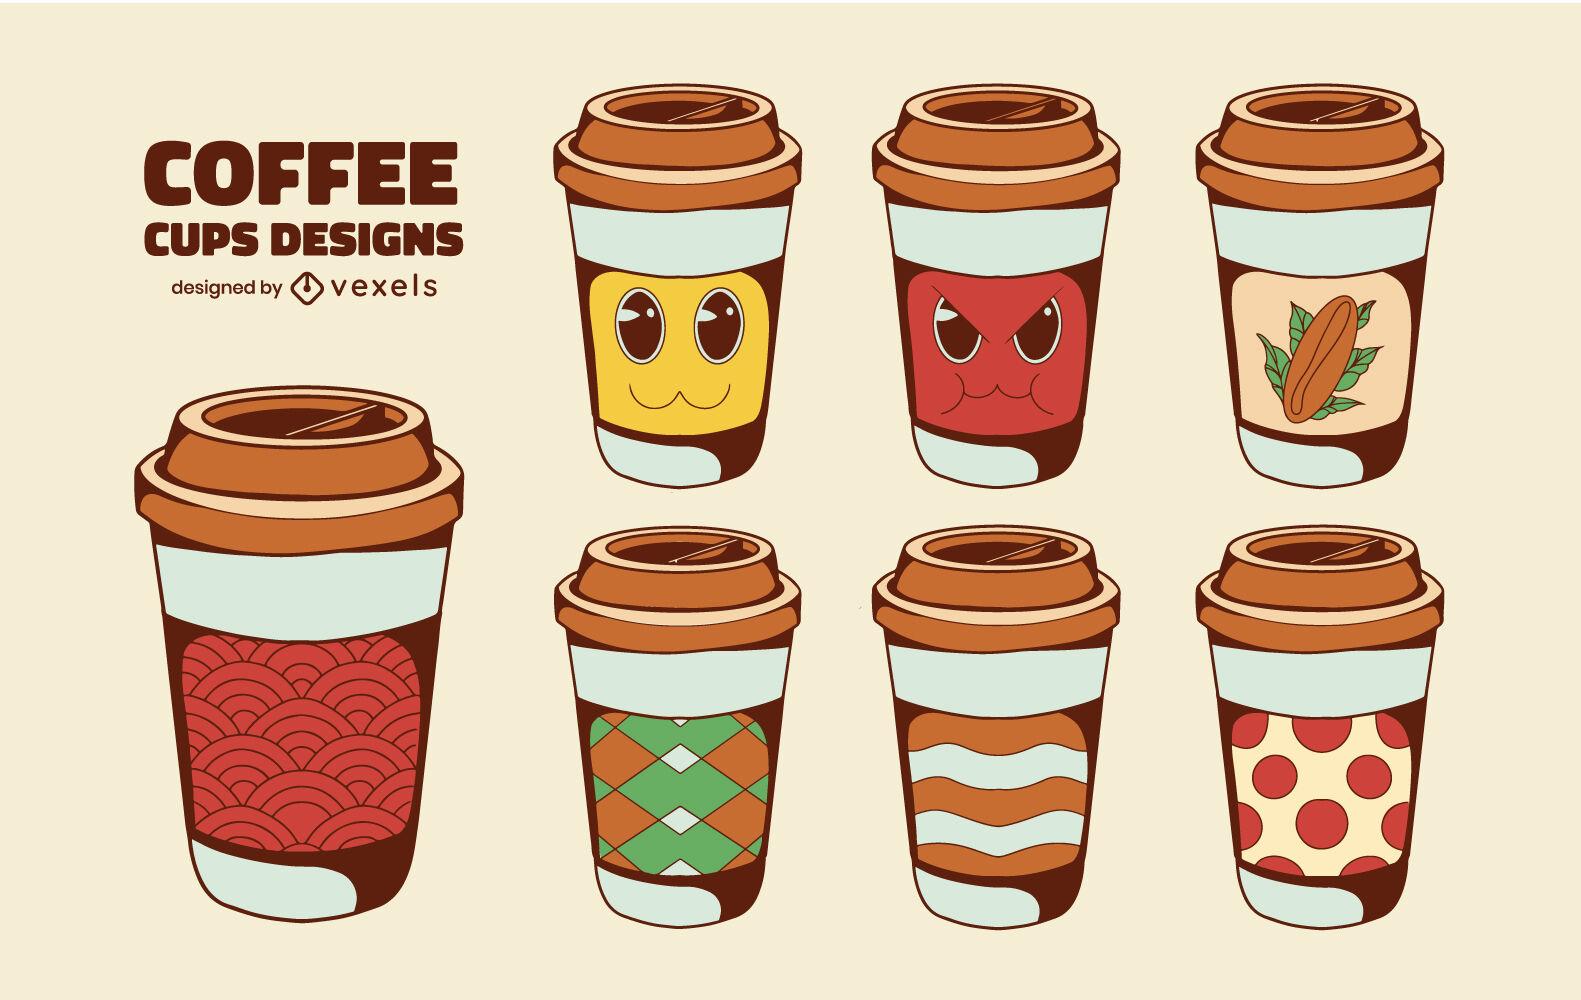 Conjunto de bebidas com designs de xícaras de café descartáveis